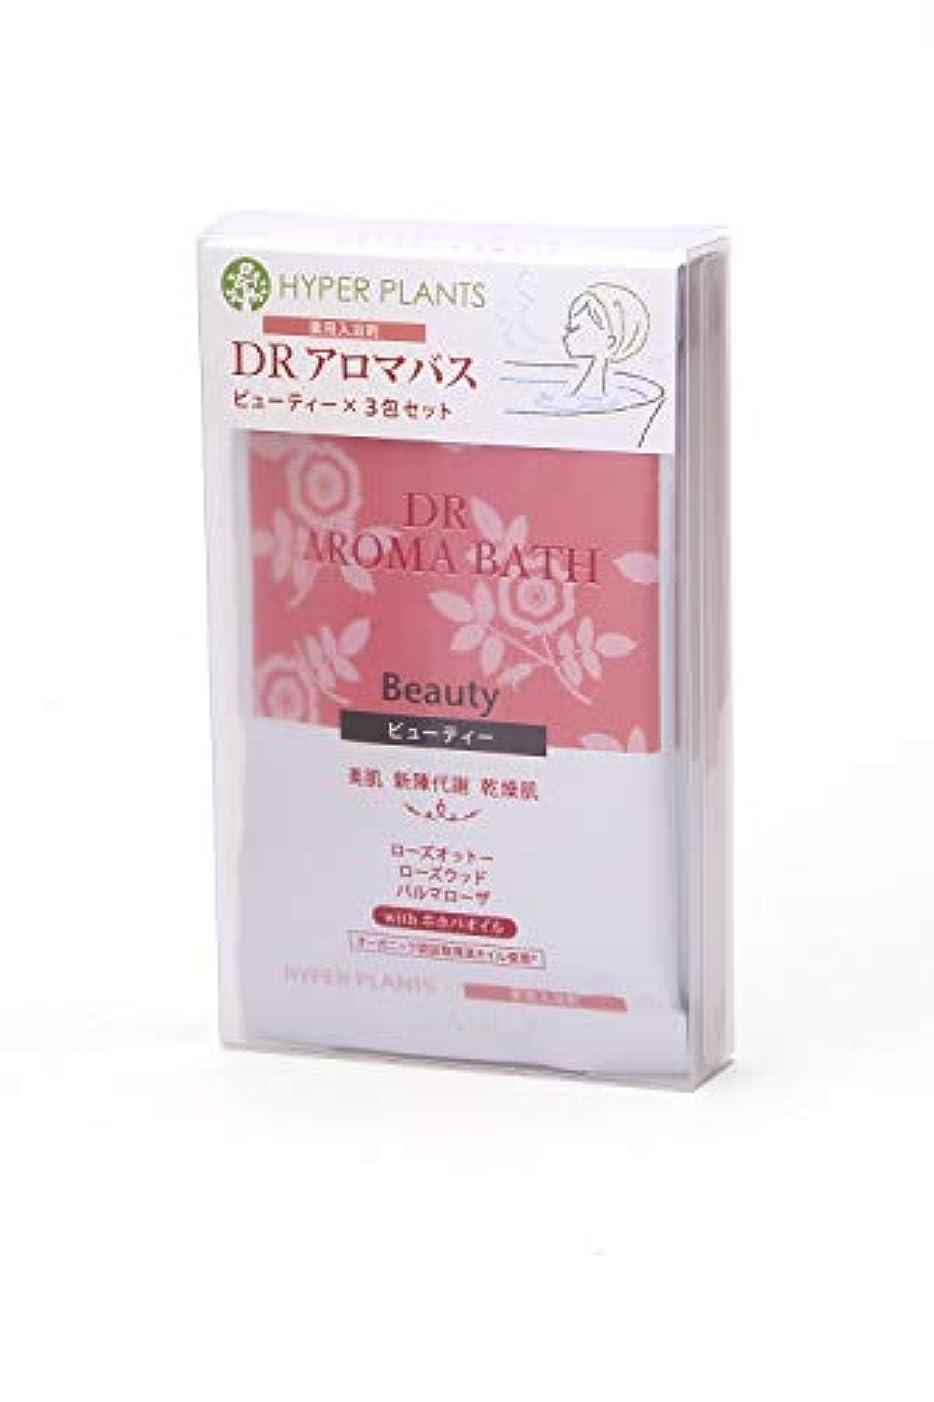 符号インチ著作権医薬部外品 薬用入浴剤 ハイパープランツ DRアロマバス ビューティー 3包セット